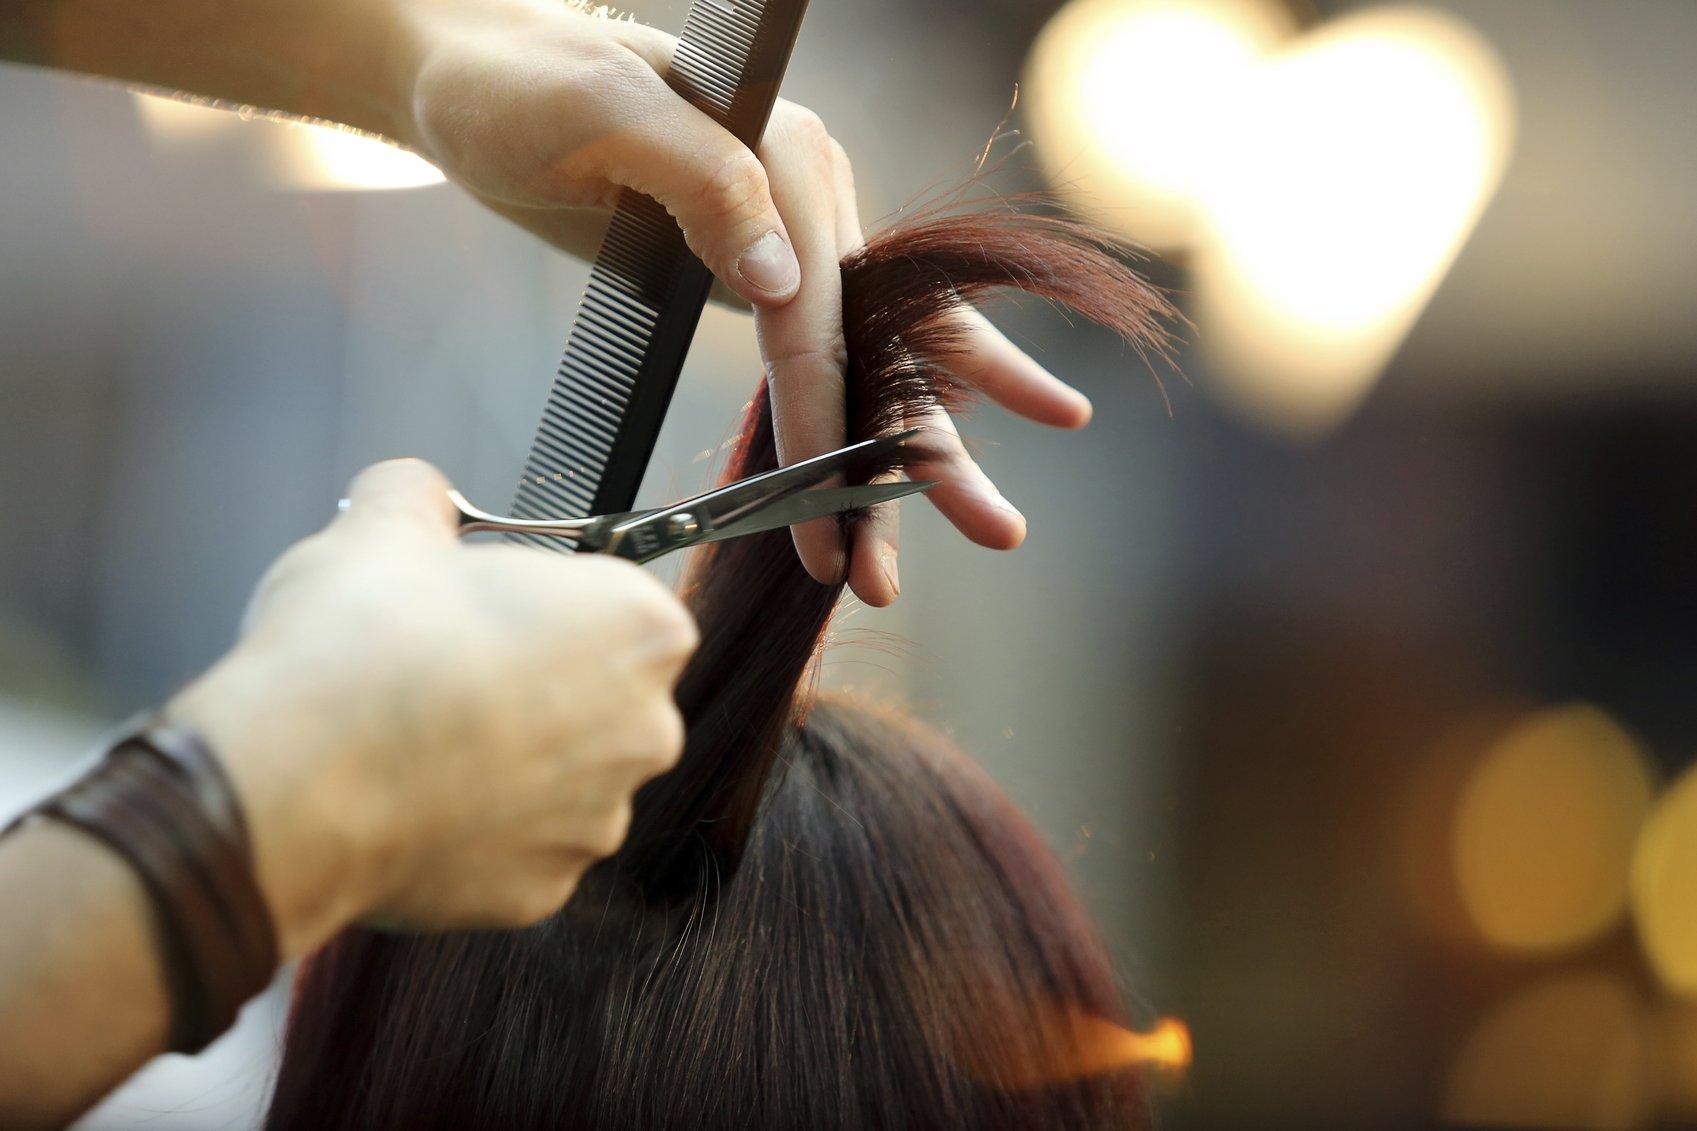 Haar ausdünnen